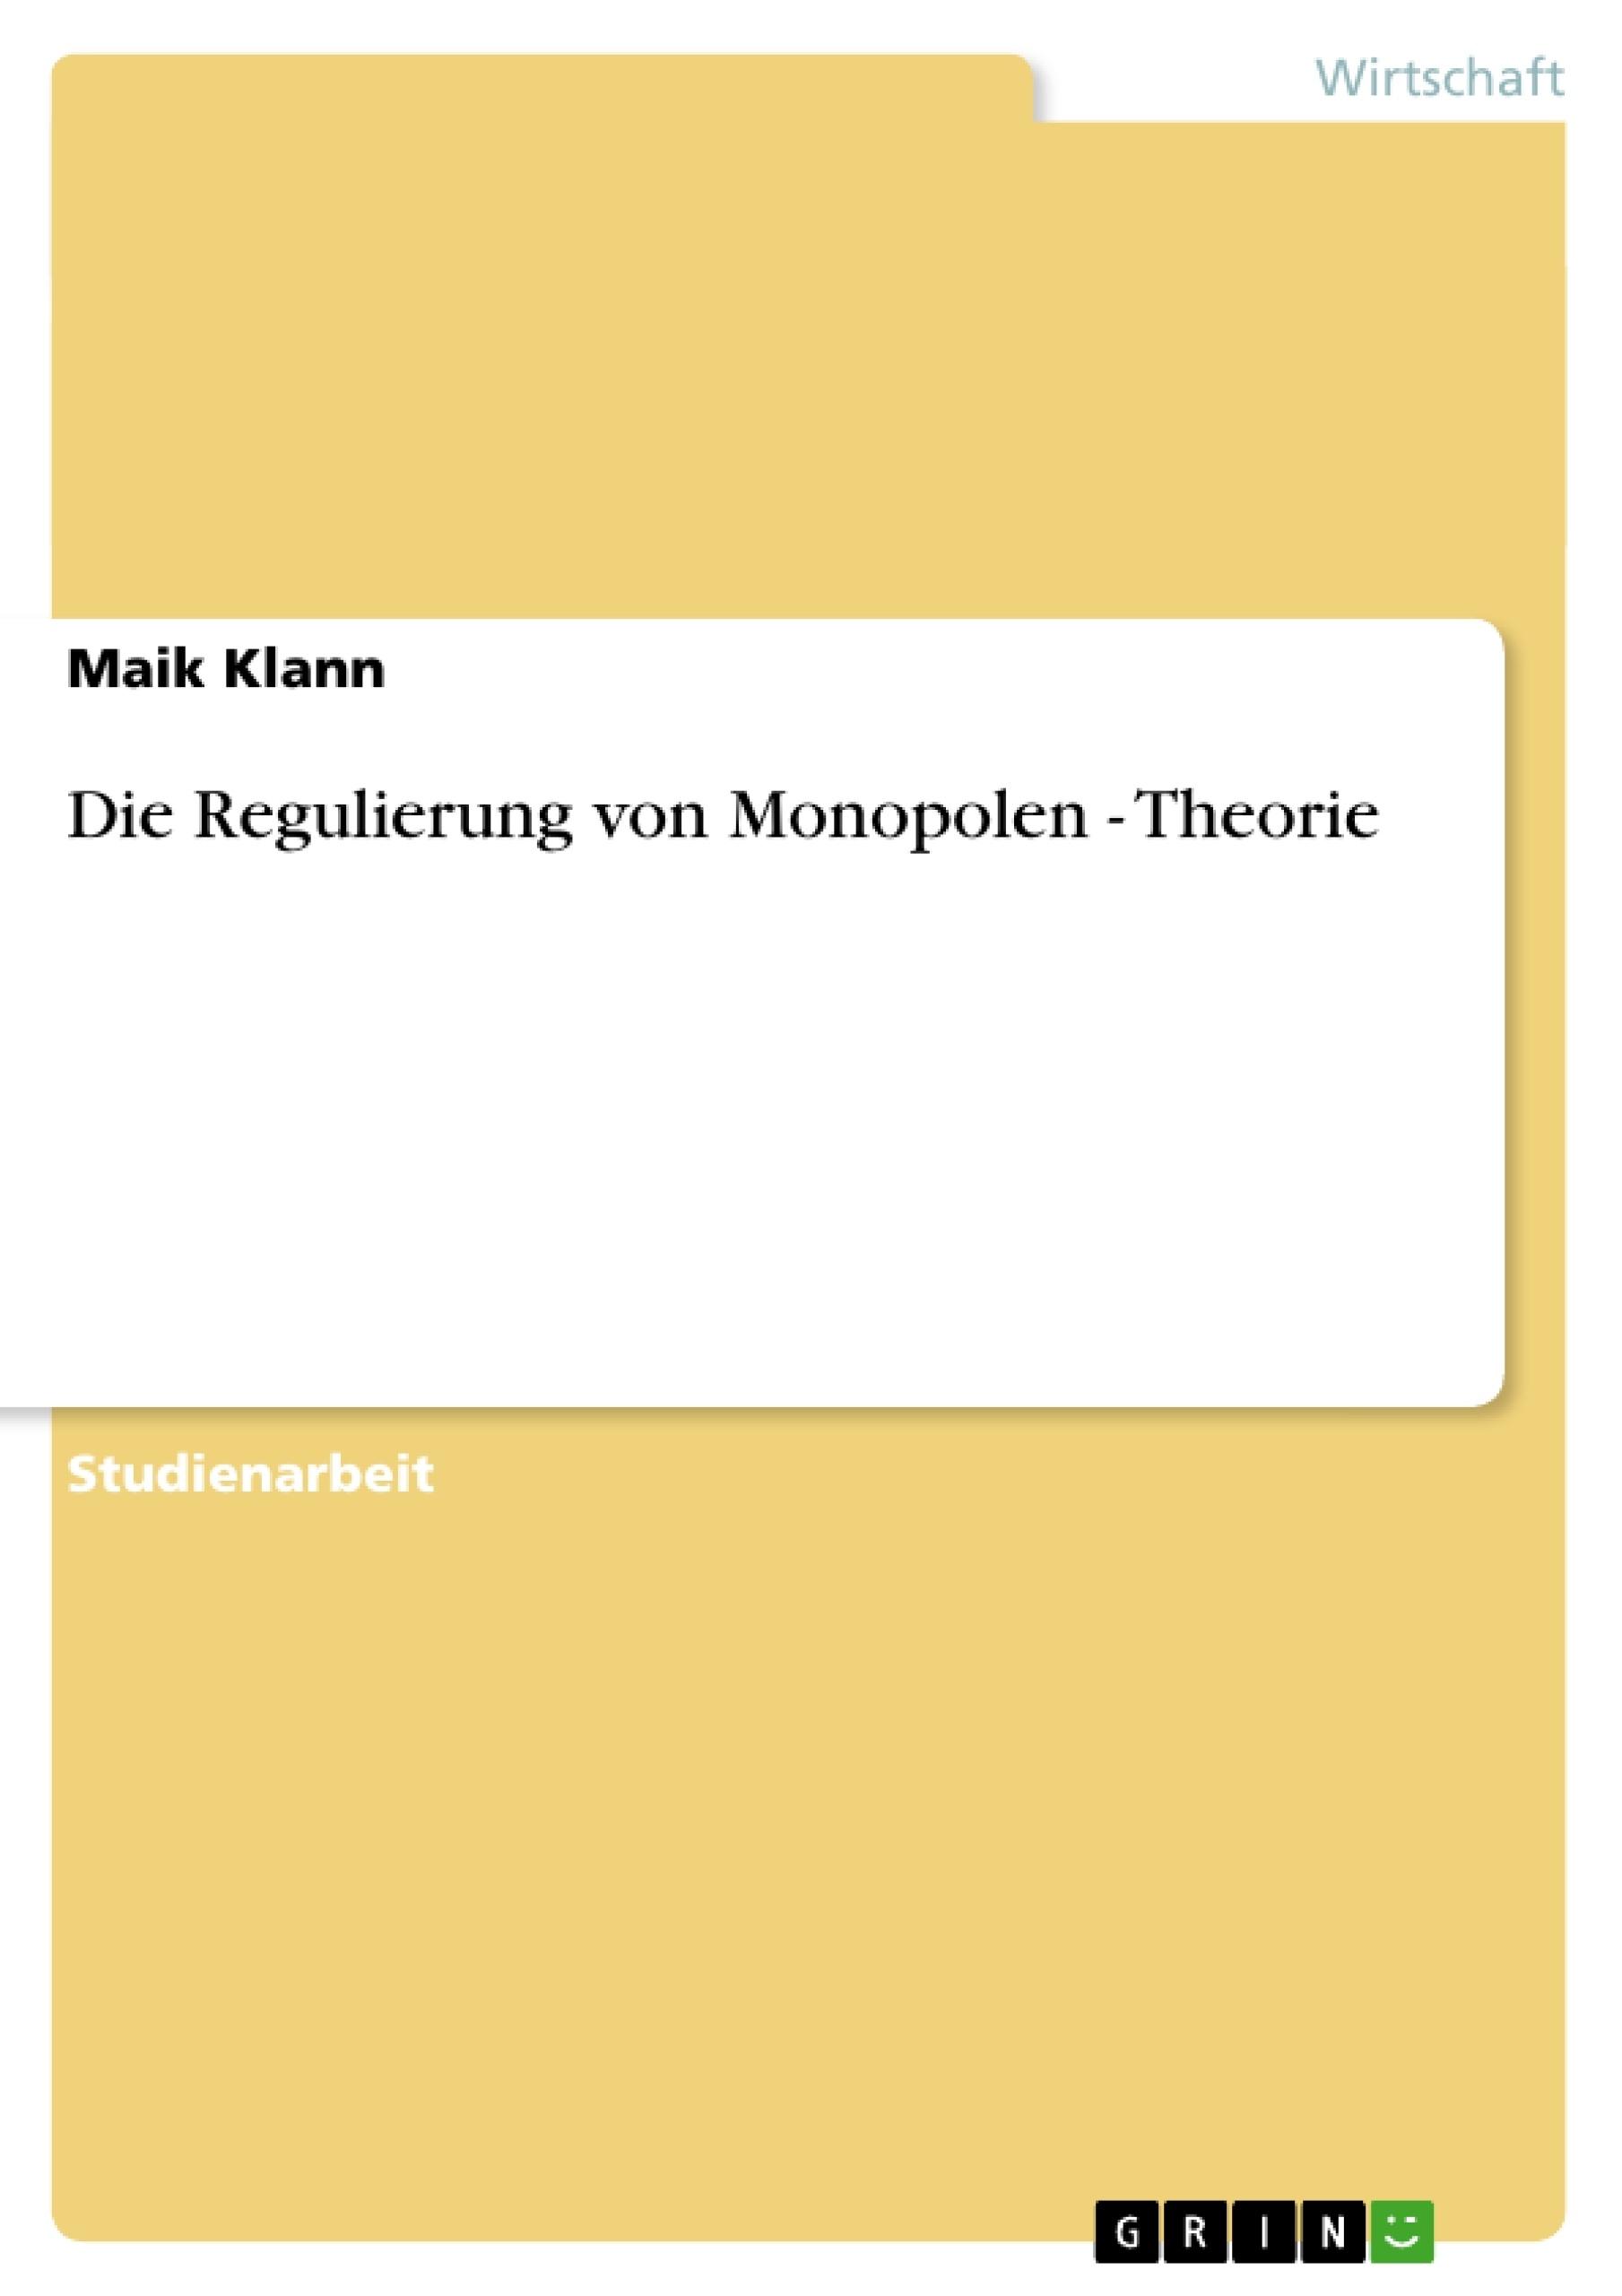 Titel: Die Regulierung von Monopolen - Theorie